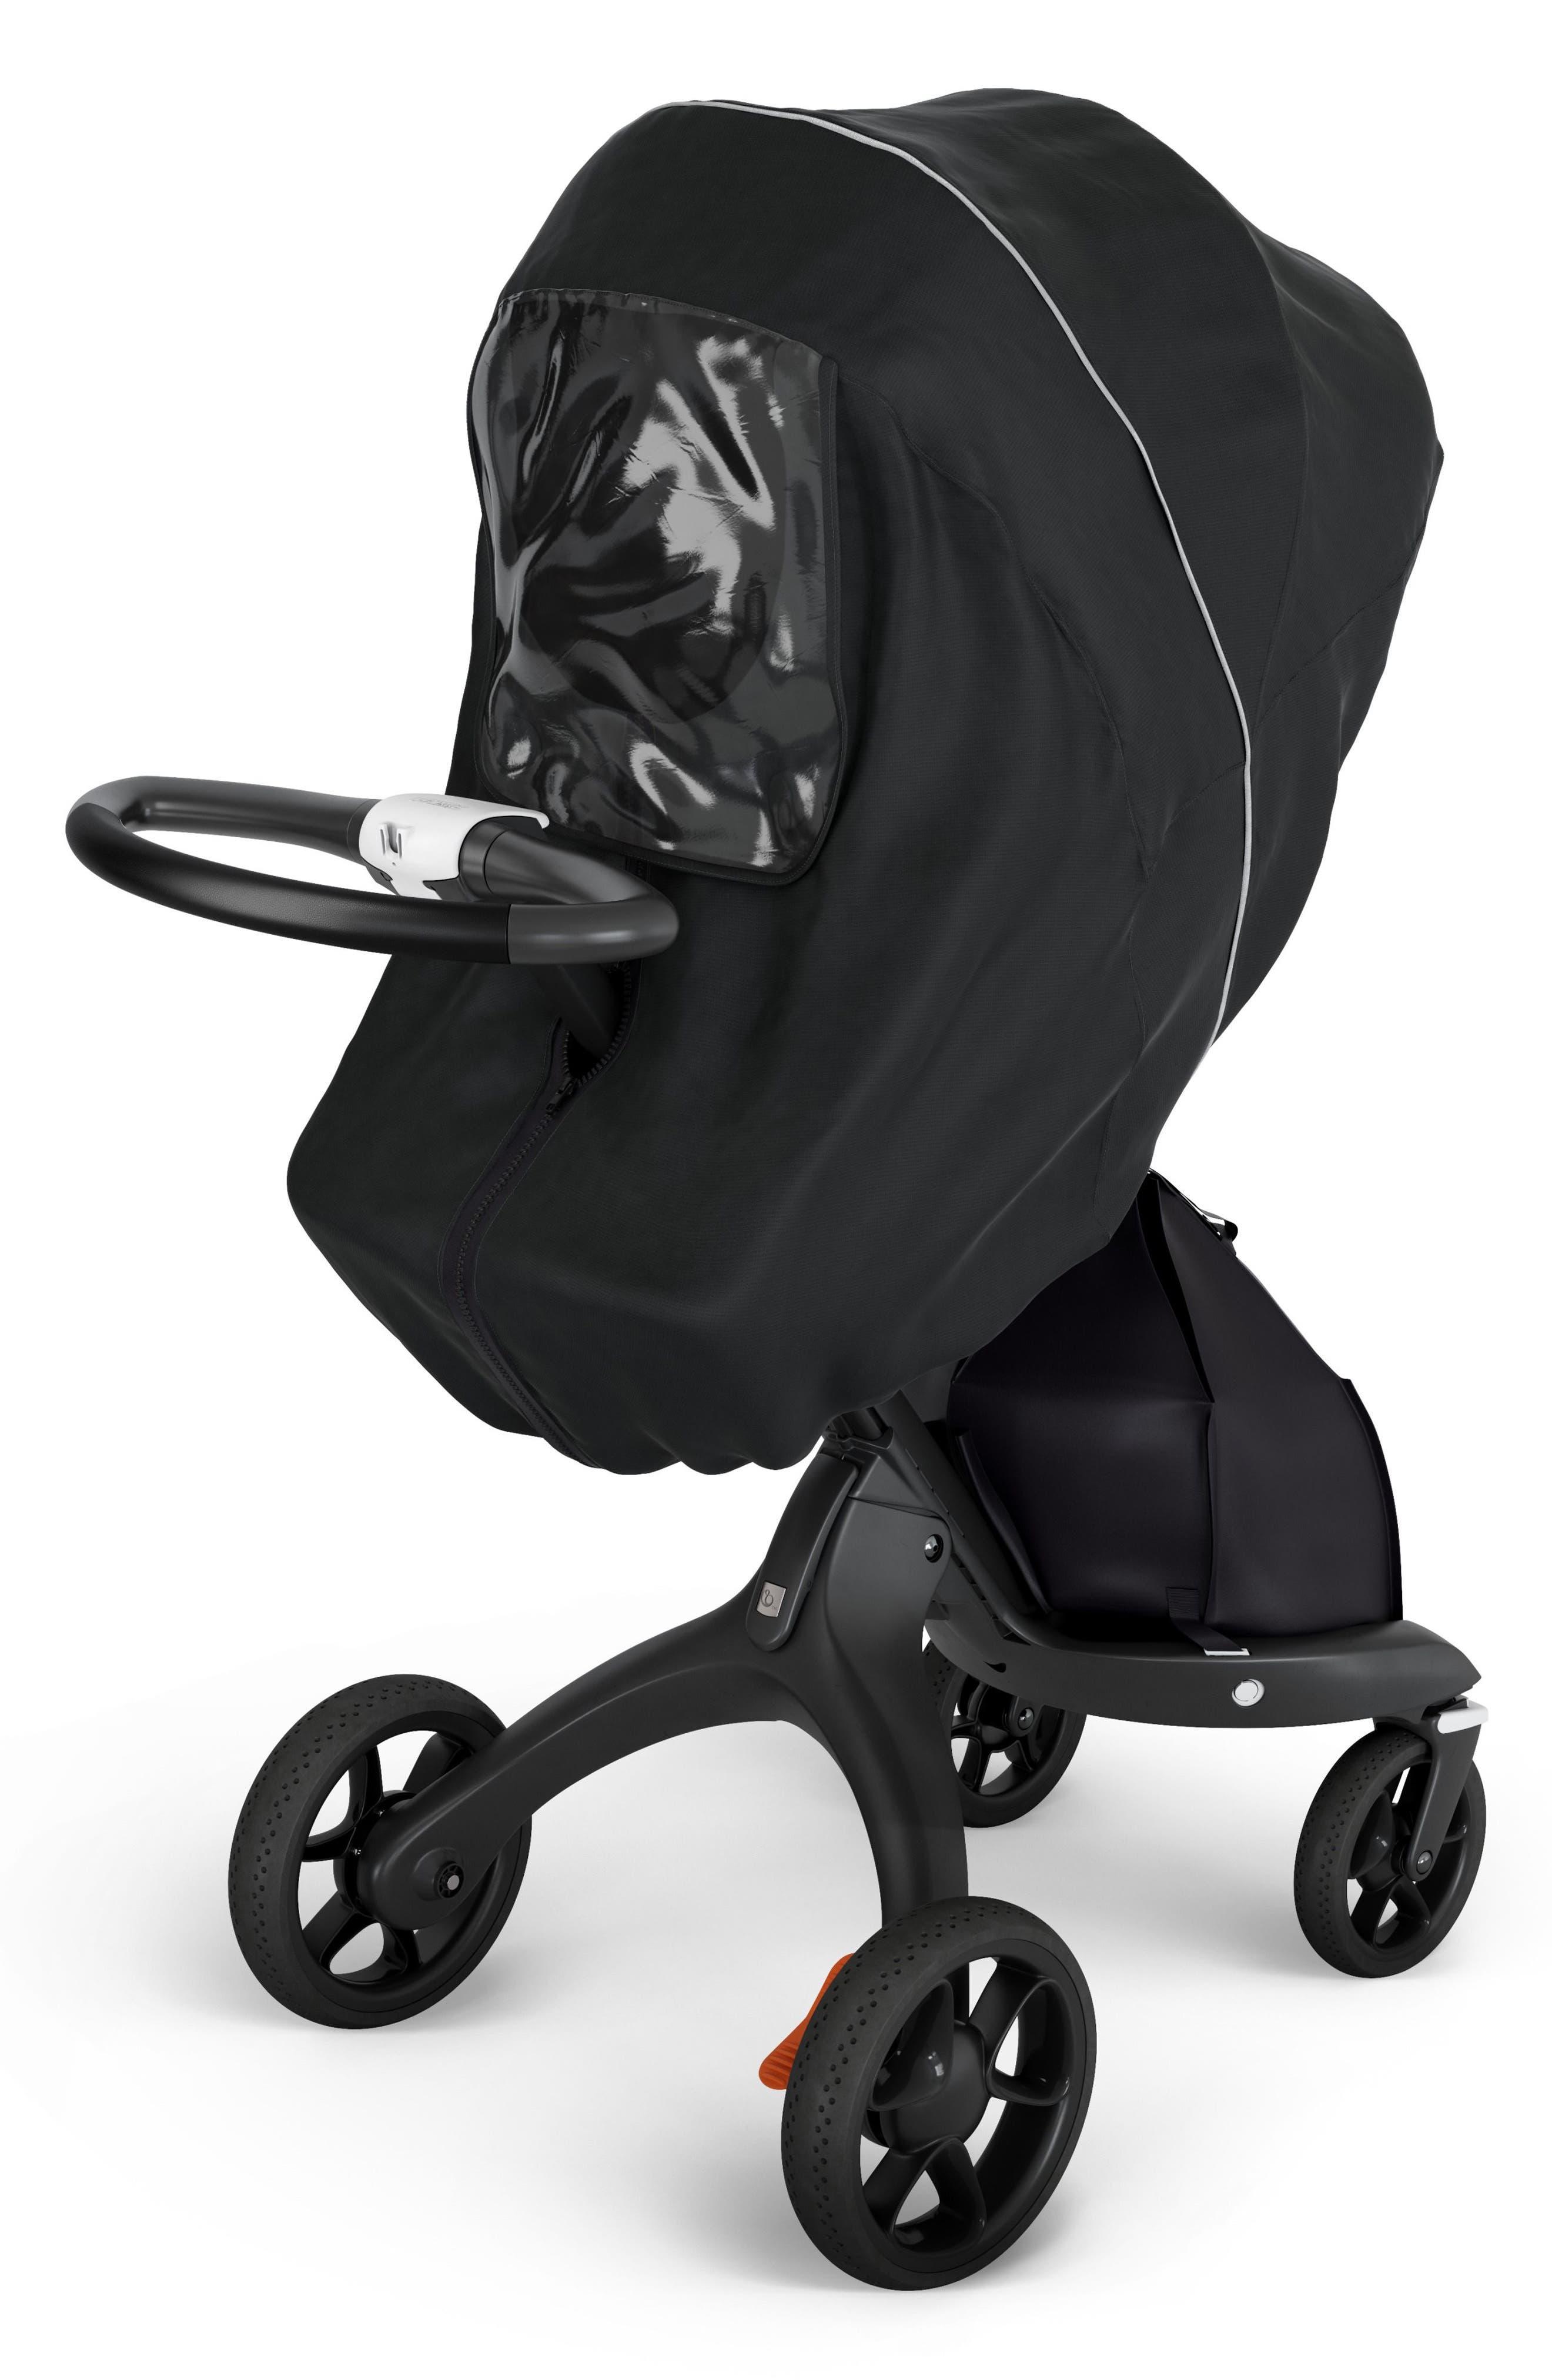 Stokke Xplory® Stroller Rain Cover